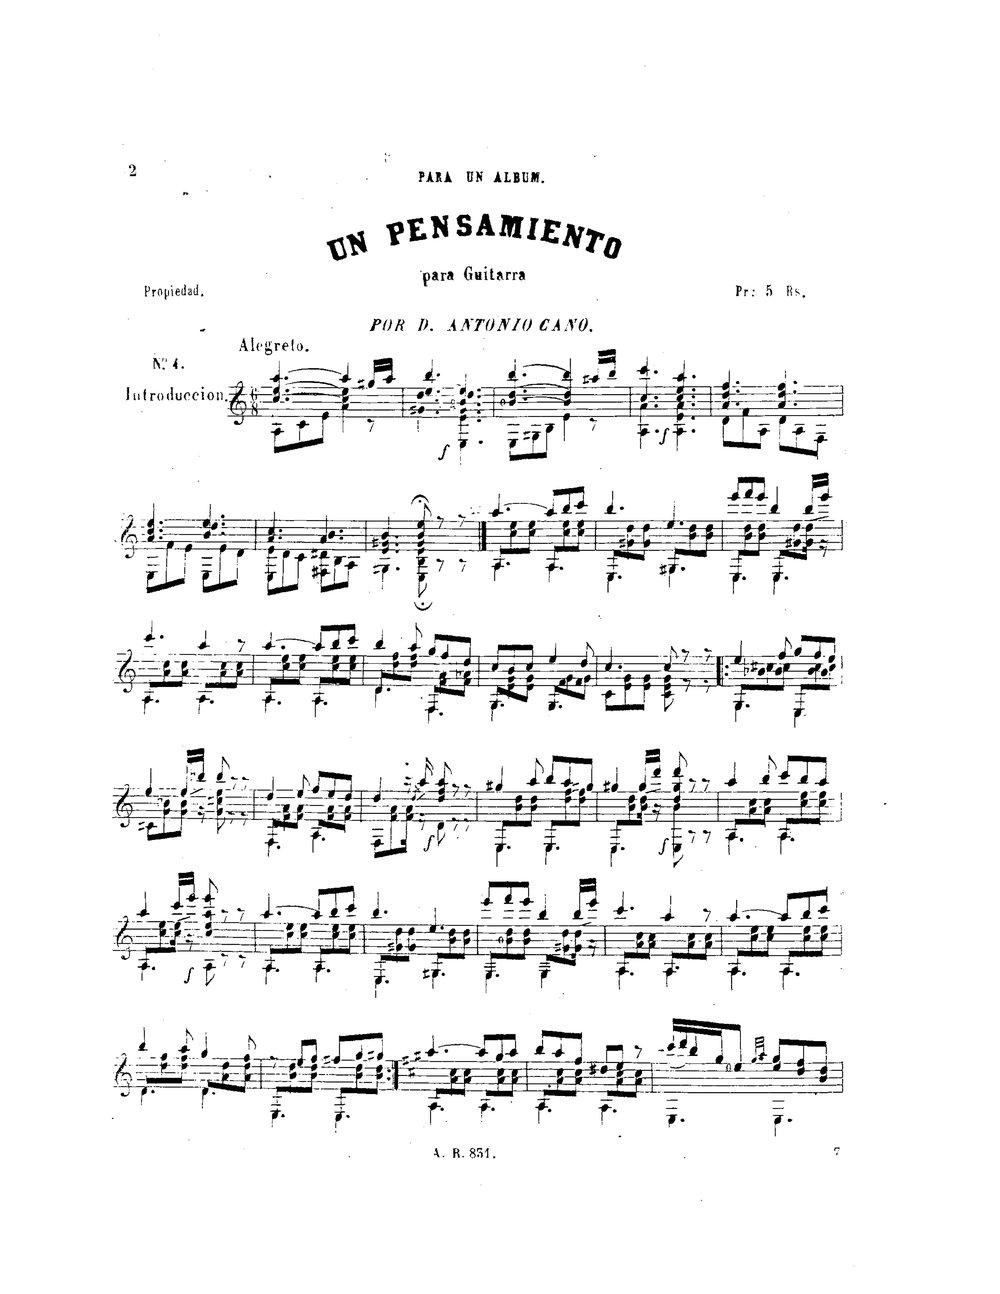 Album de composiciones de mediana dificultad (Cano, Antonio) 7.jpg